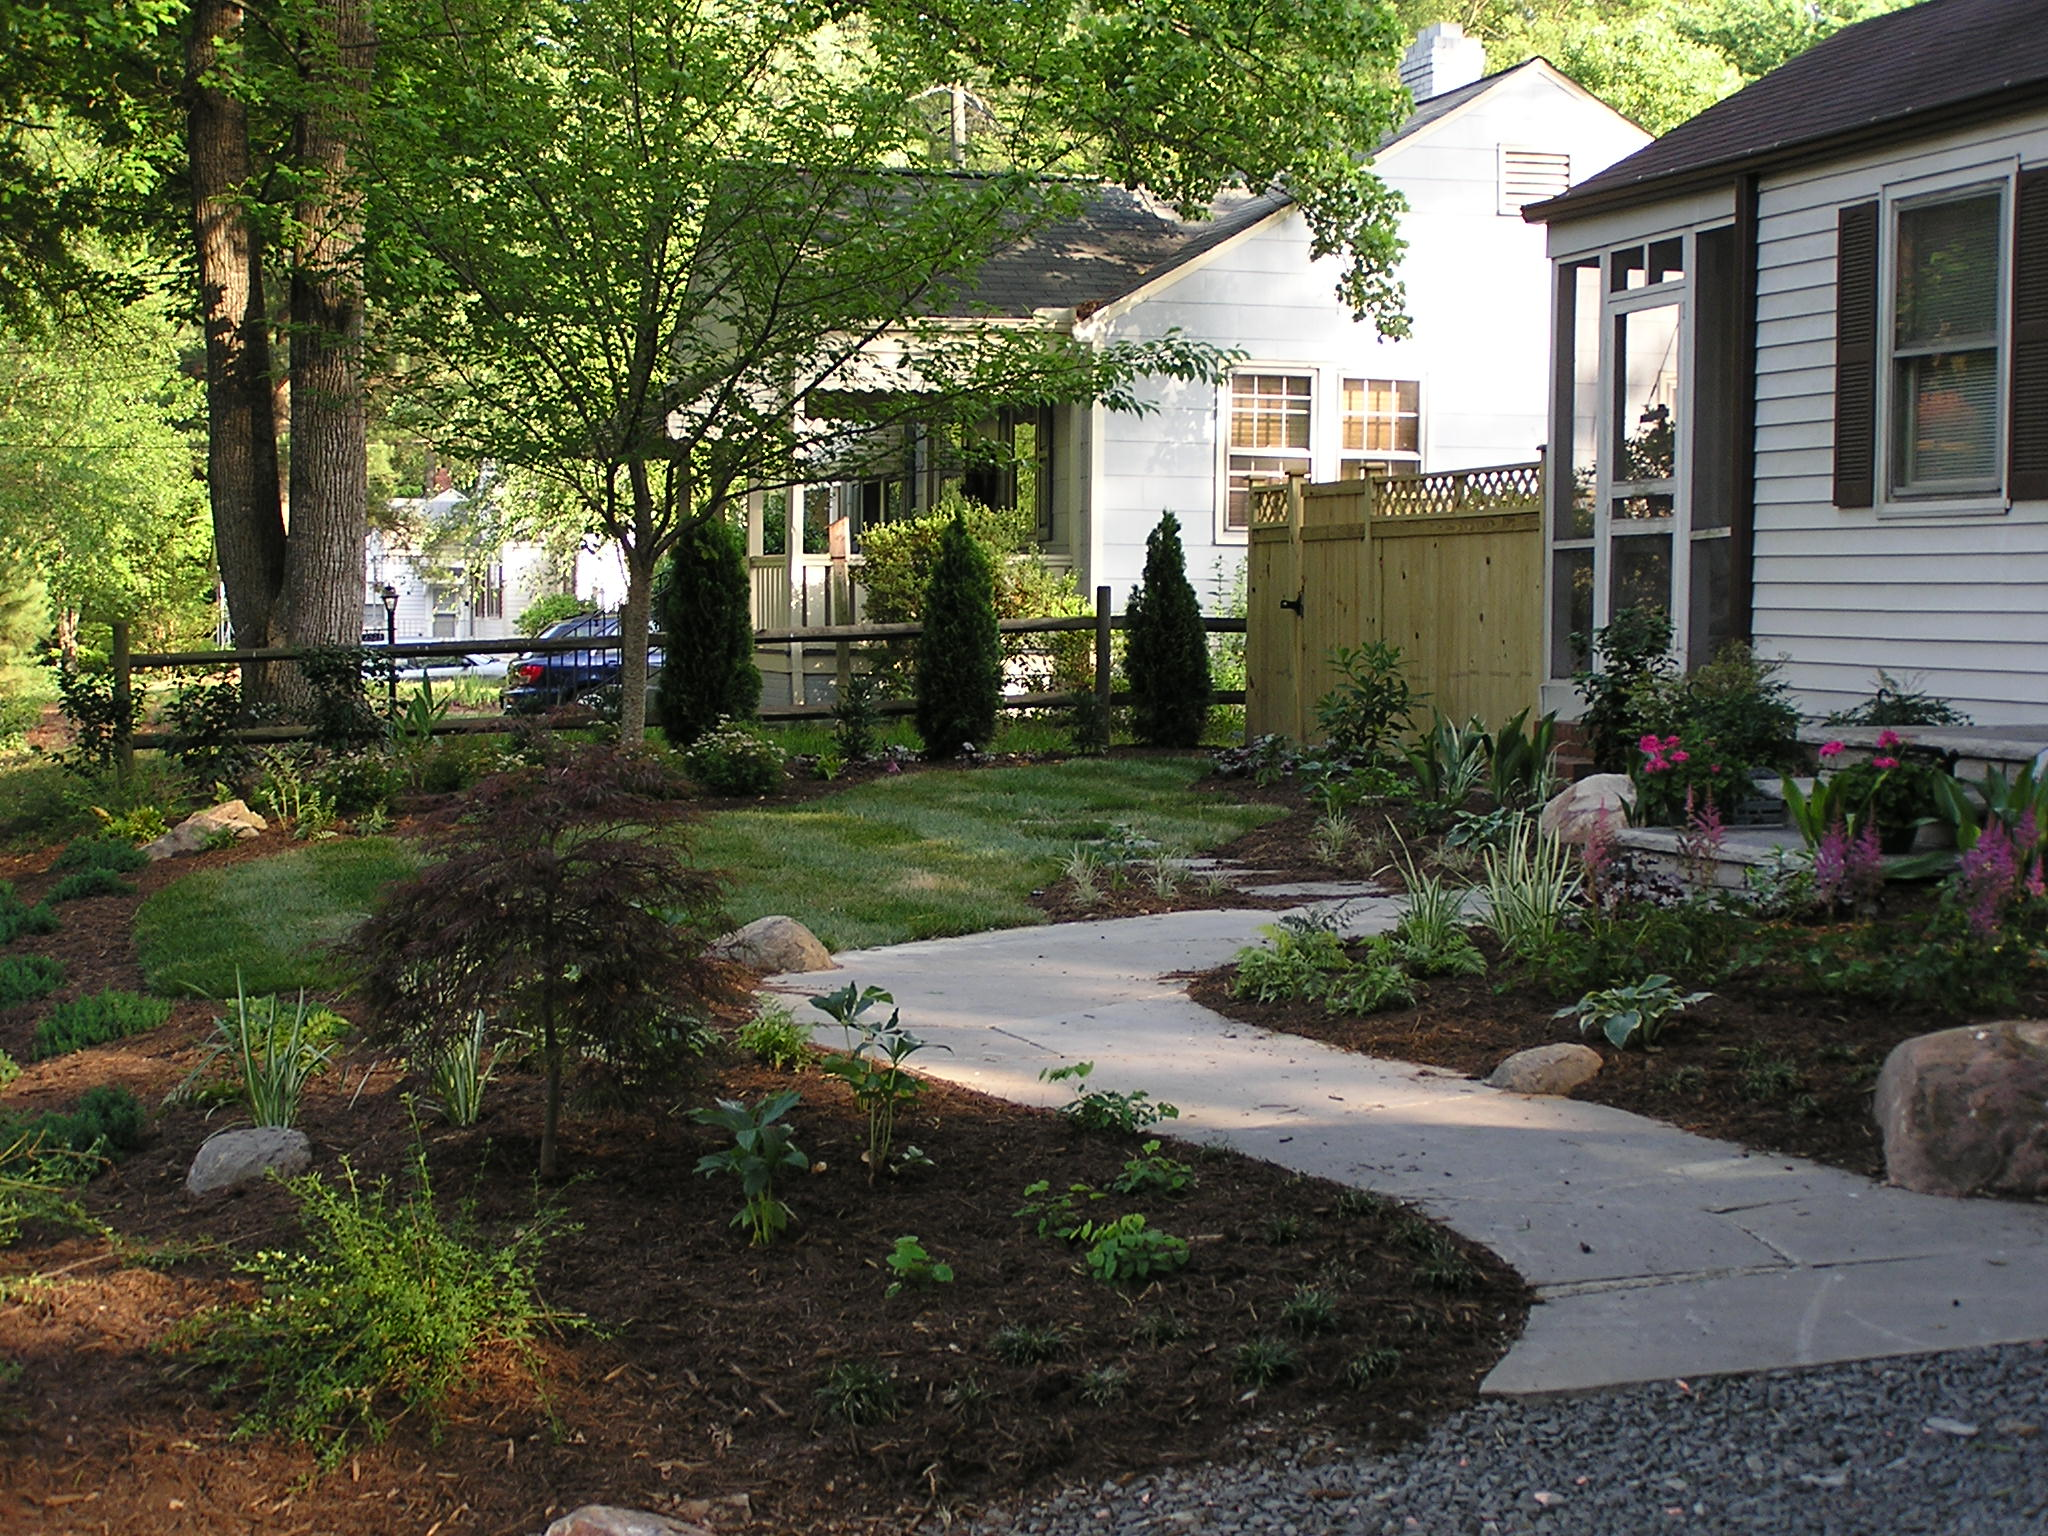 durham landscape design gallery. Black Bedroom Furniture Sets. Home Design Ideas